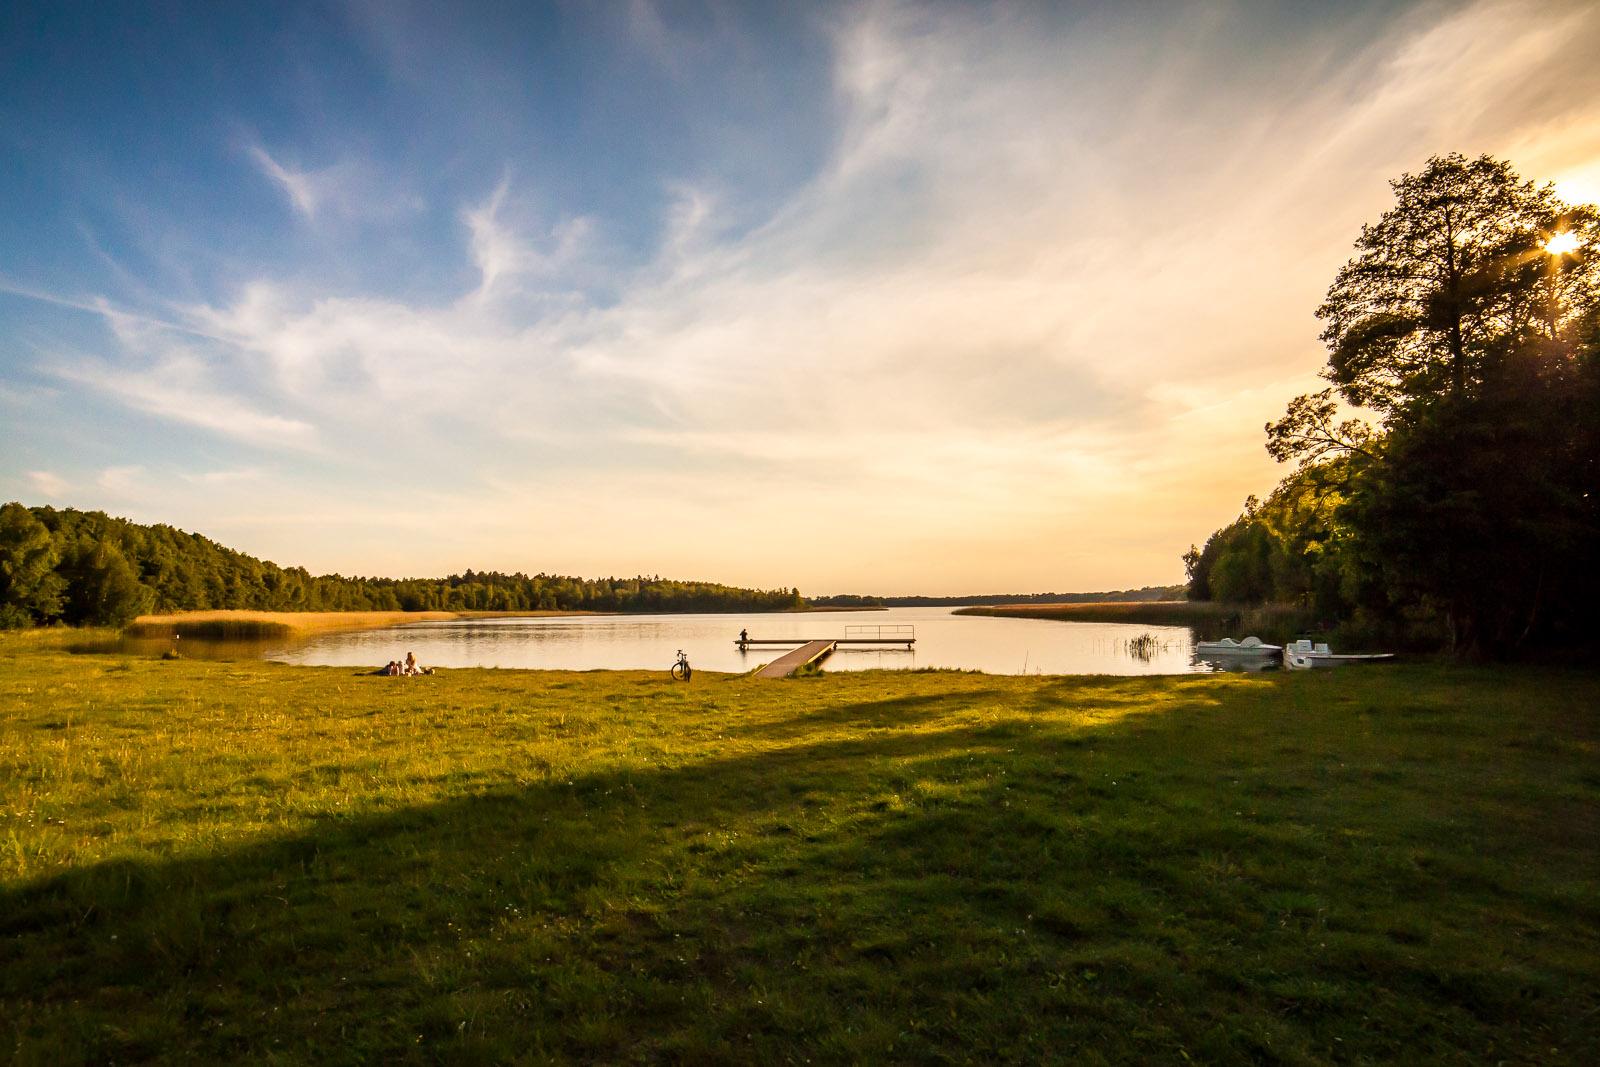 Jezioro Stelchno - plaża i ścieżka dookoła jeziora